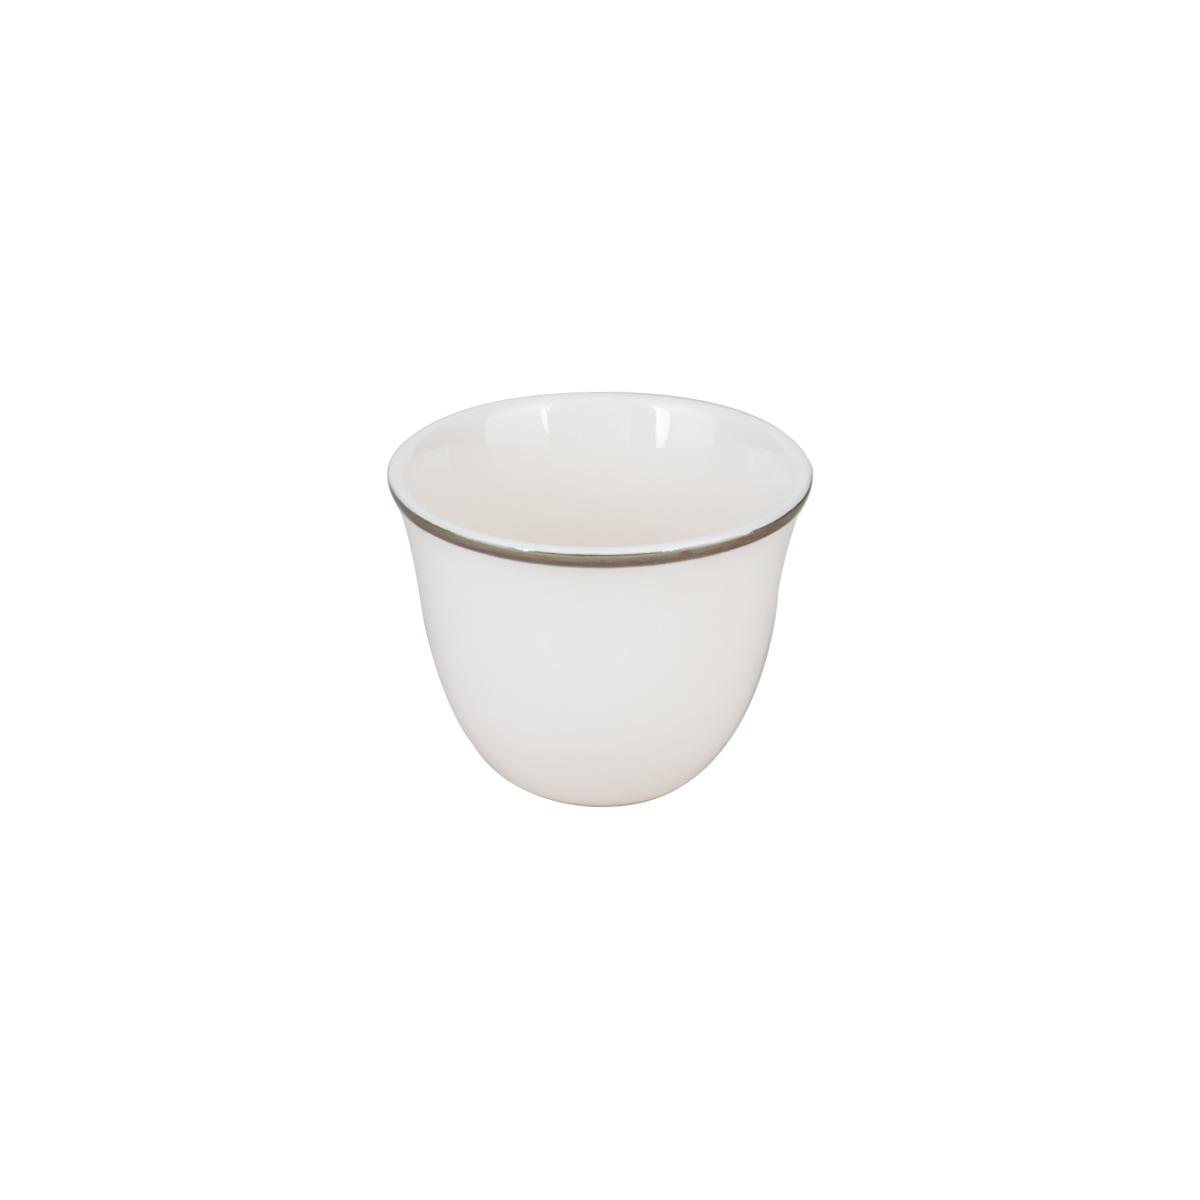 طقم فناجين قهوة عربي 12 فنجان رقم MY35037